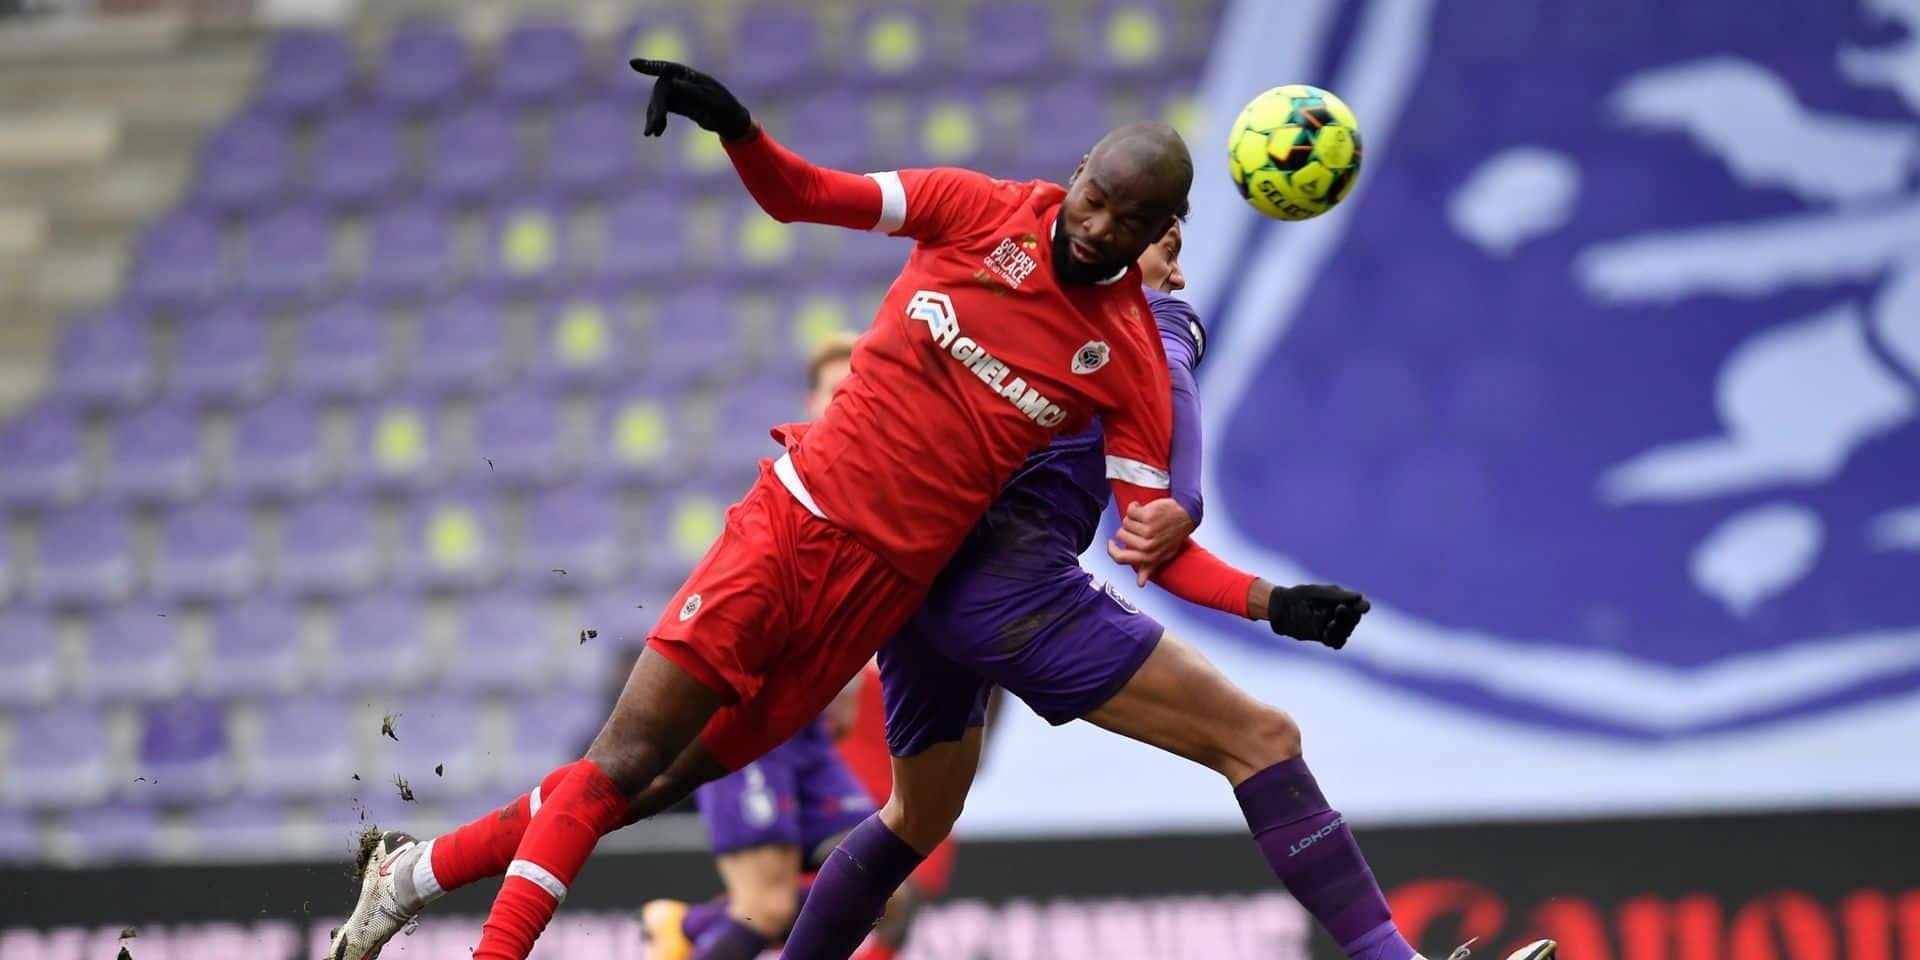 L'Antwerp s'offre le derby anversois au Beerschot dans une folle fin de match (1-2)